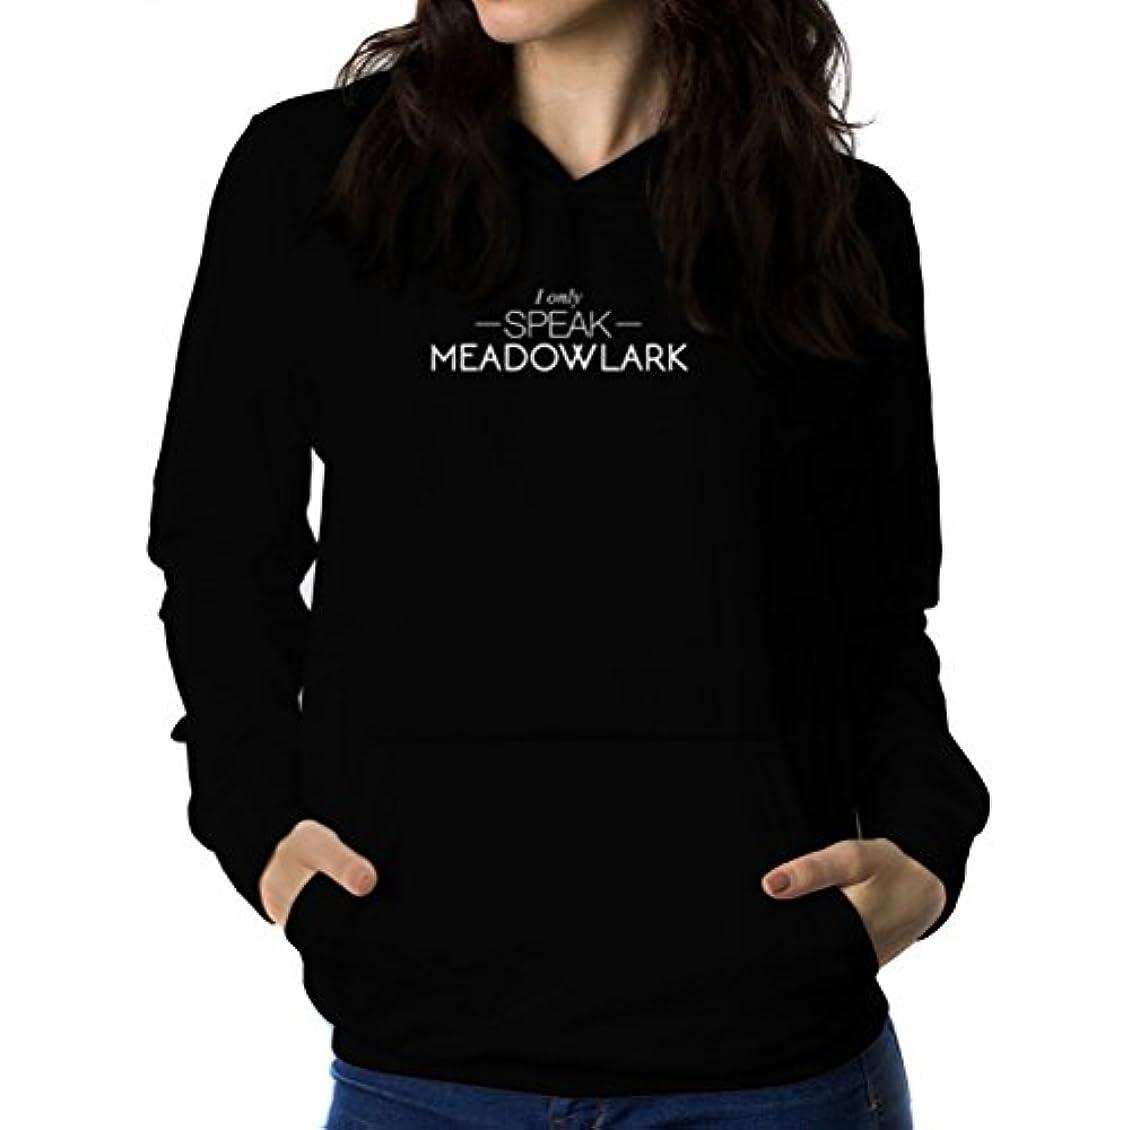 吸収剤具体的に昇るI only speak Meadowlark 女性 フーディー